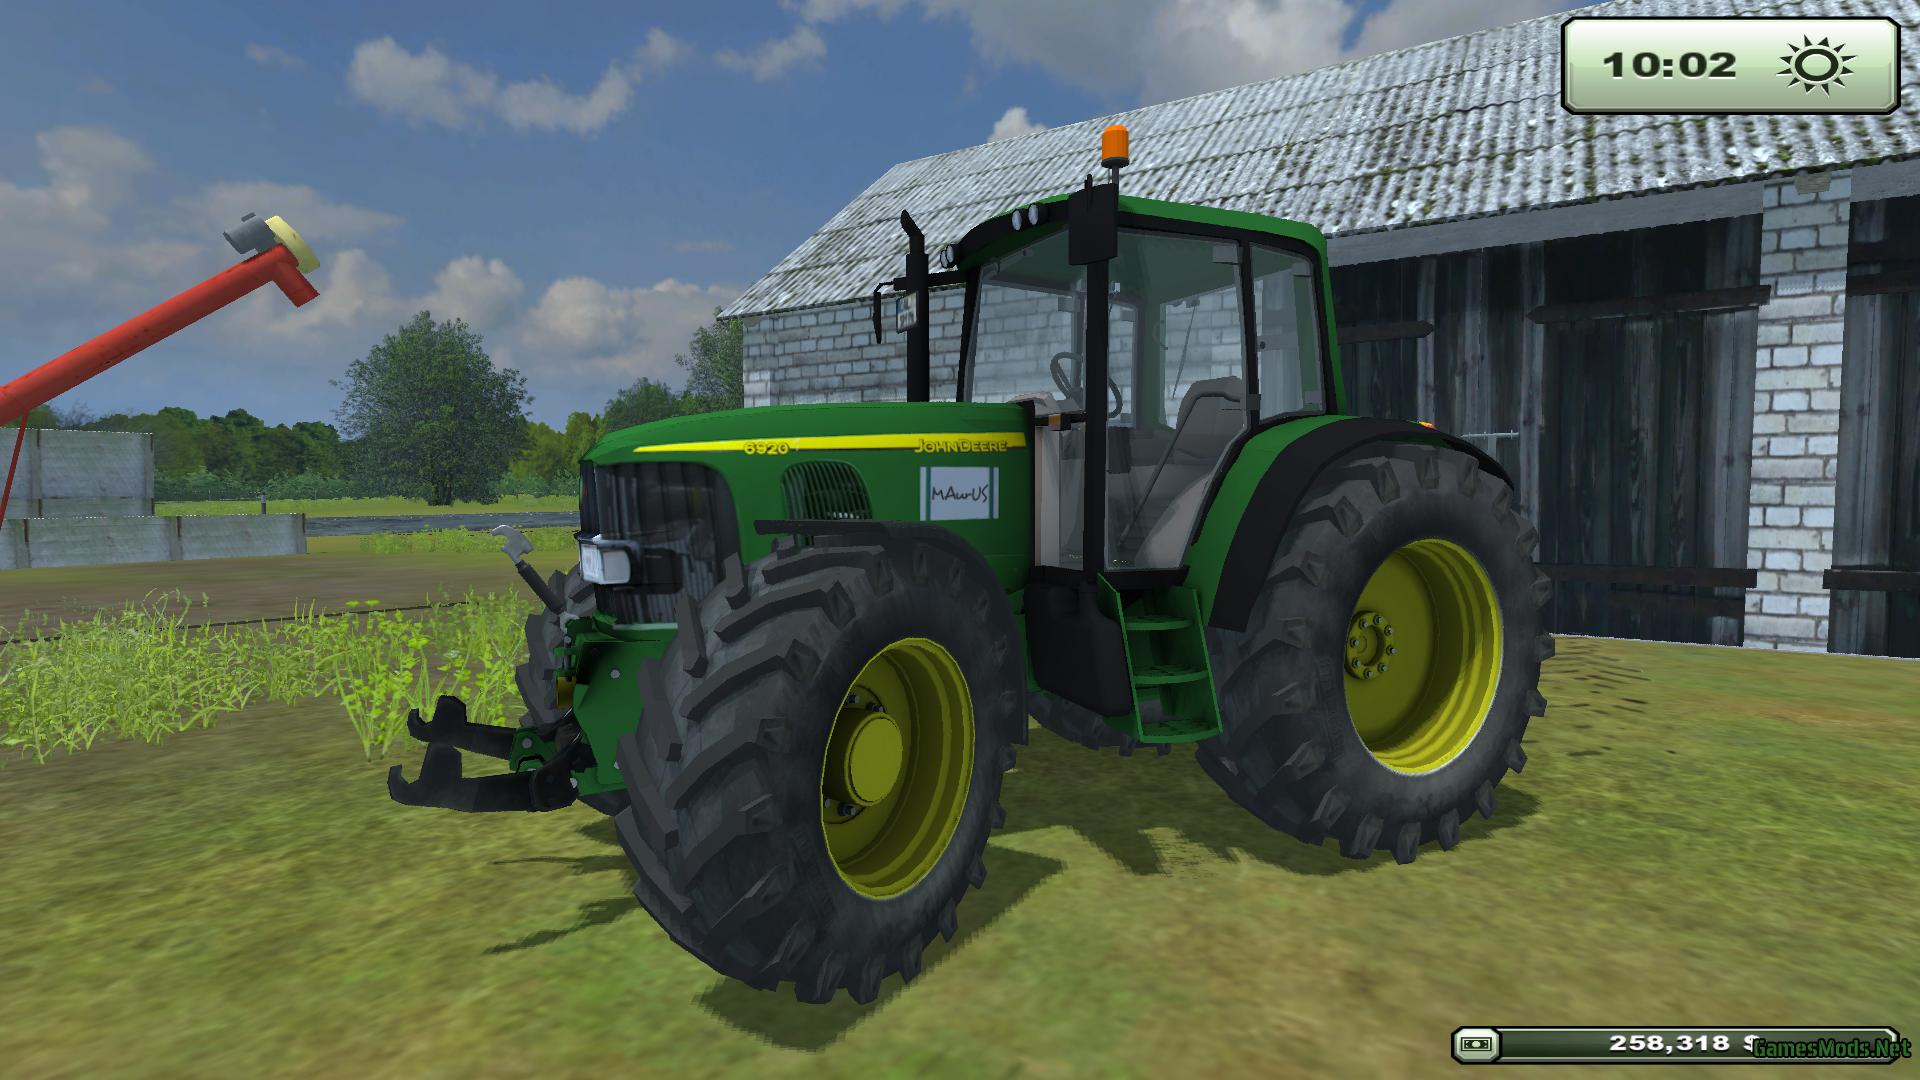 John Deere Farming Simulator 2013